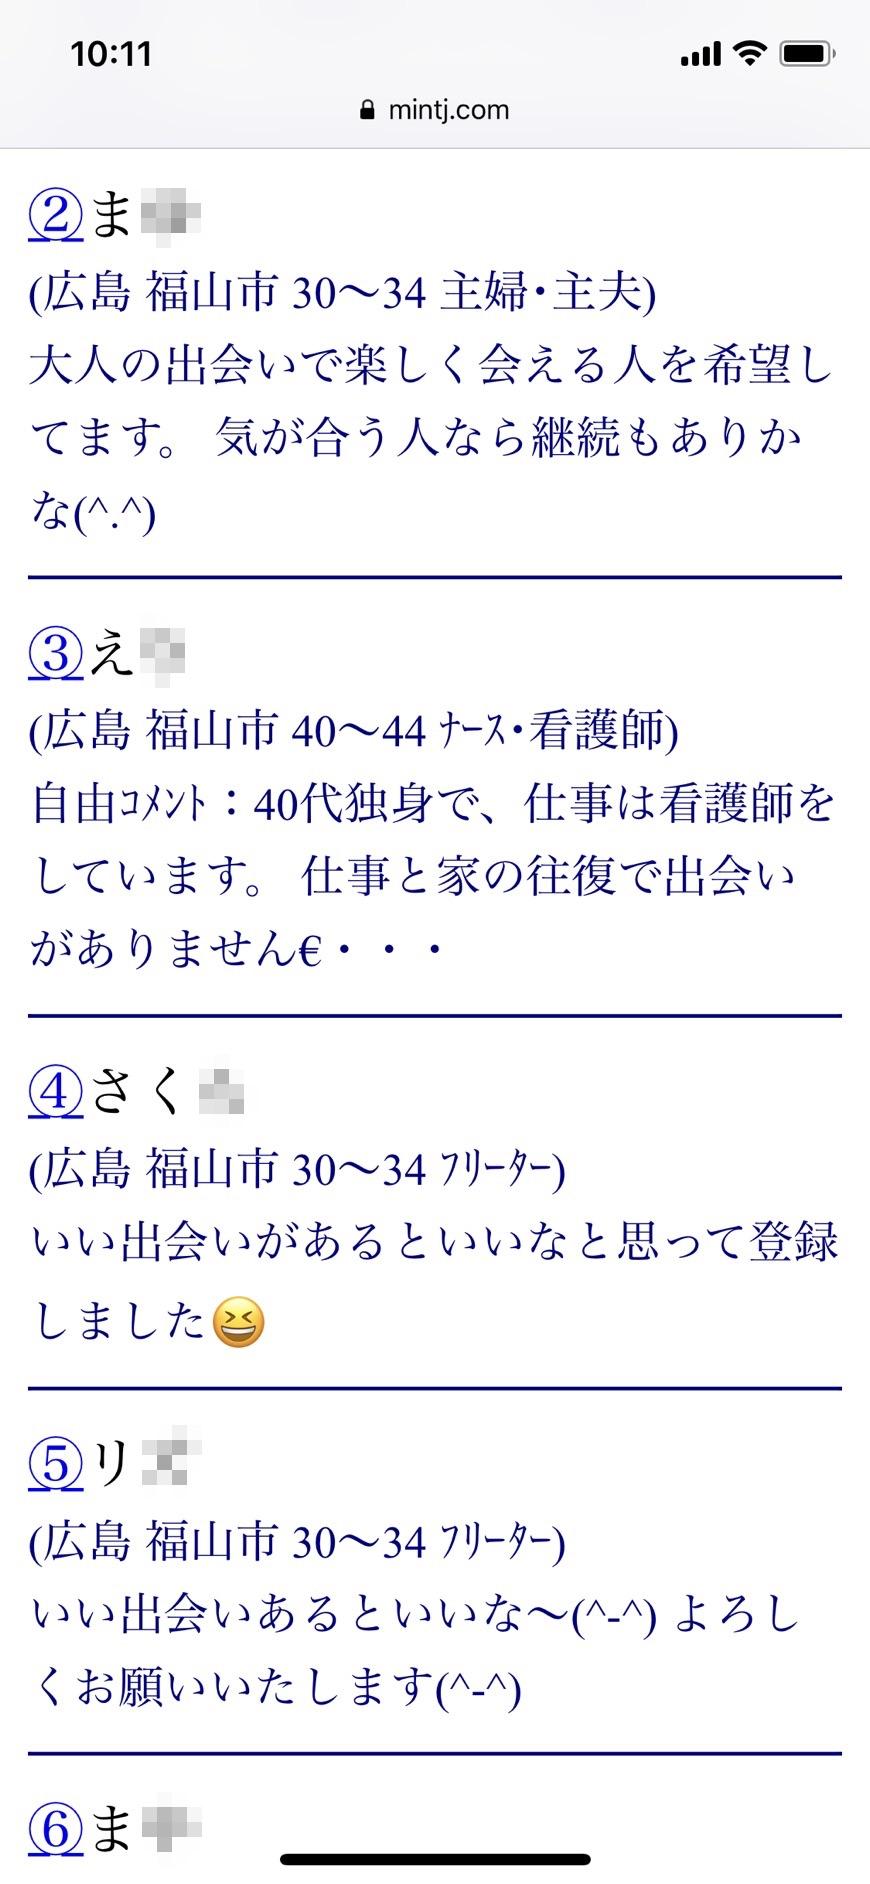 福山・出会い希望(Jメール)